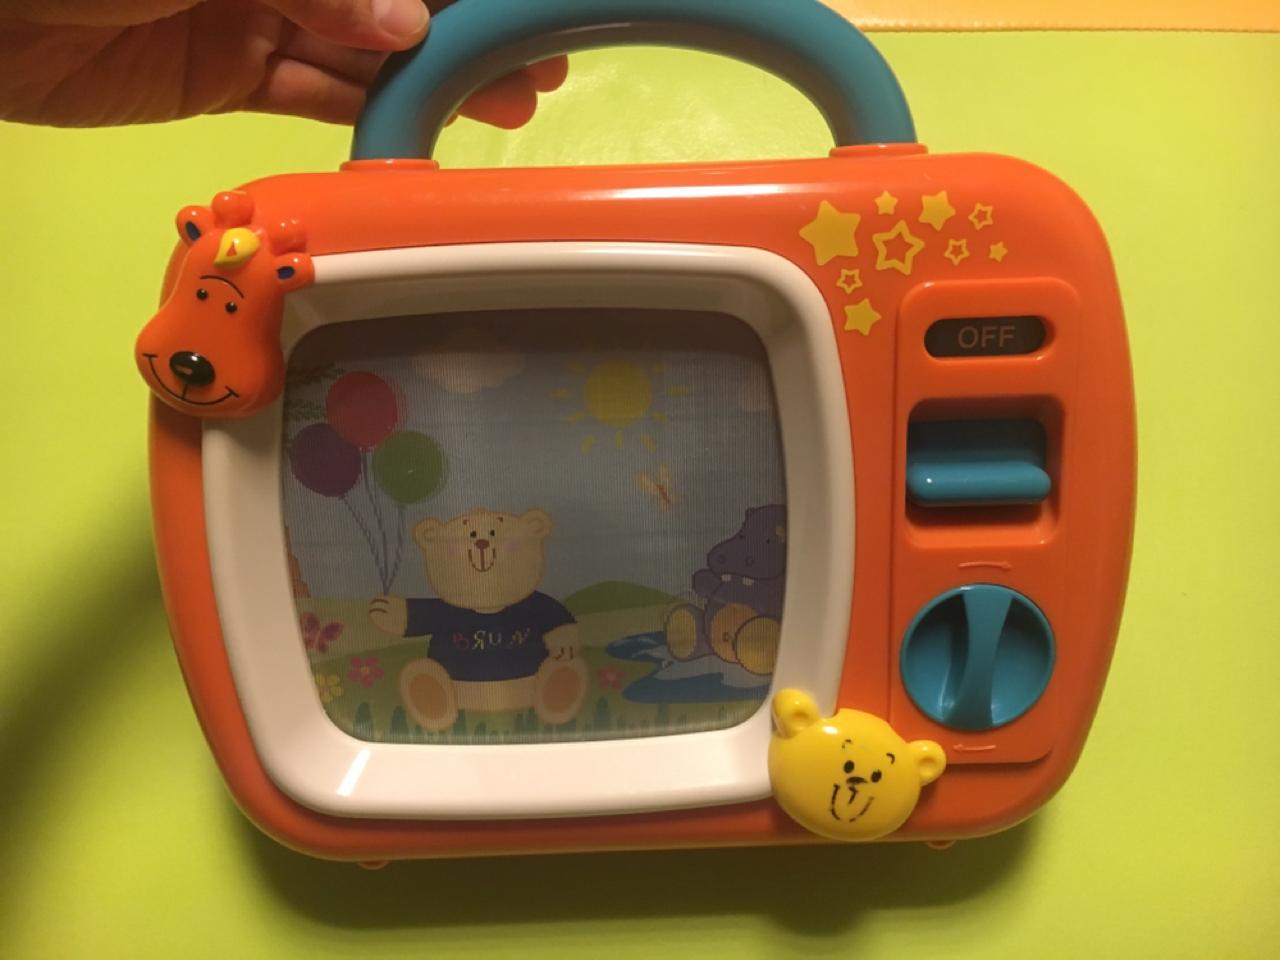 [유아 장난감] play gro 나의 첫번째 TV 장난감